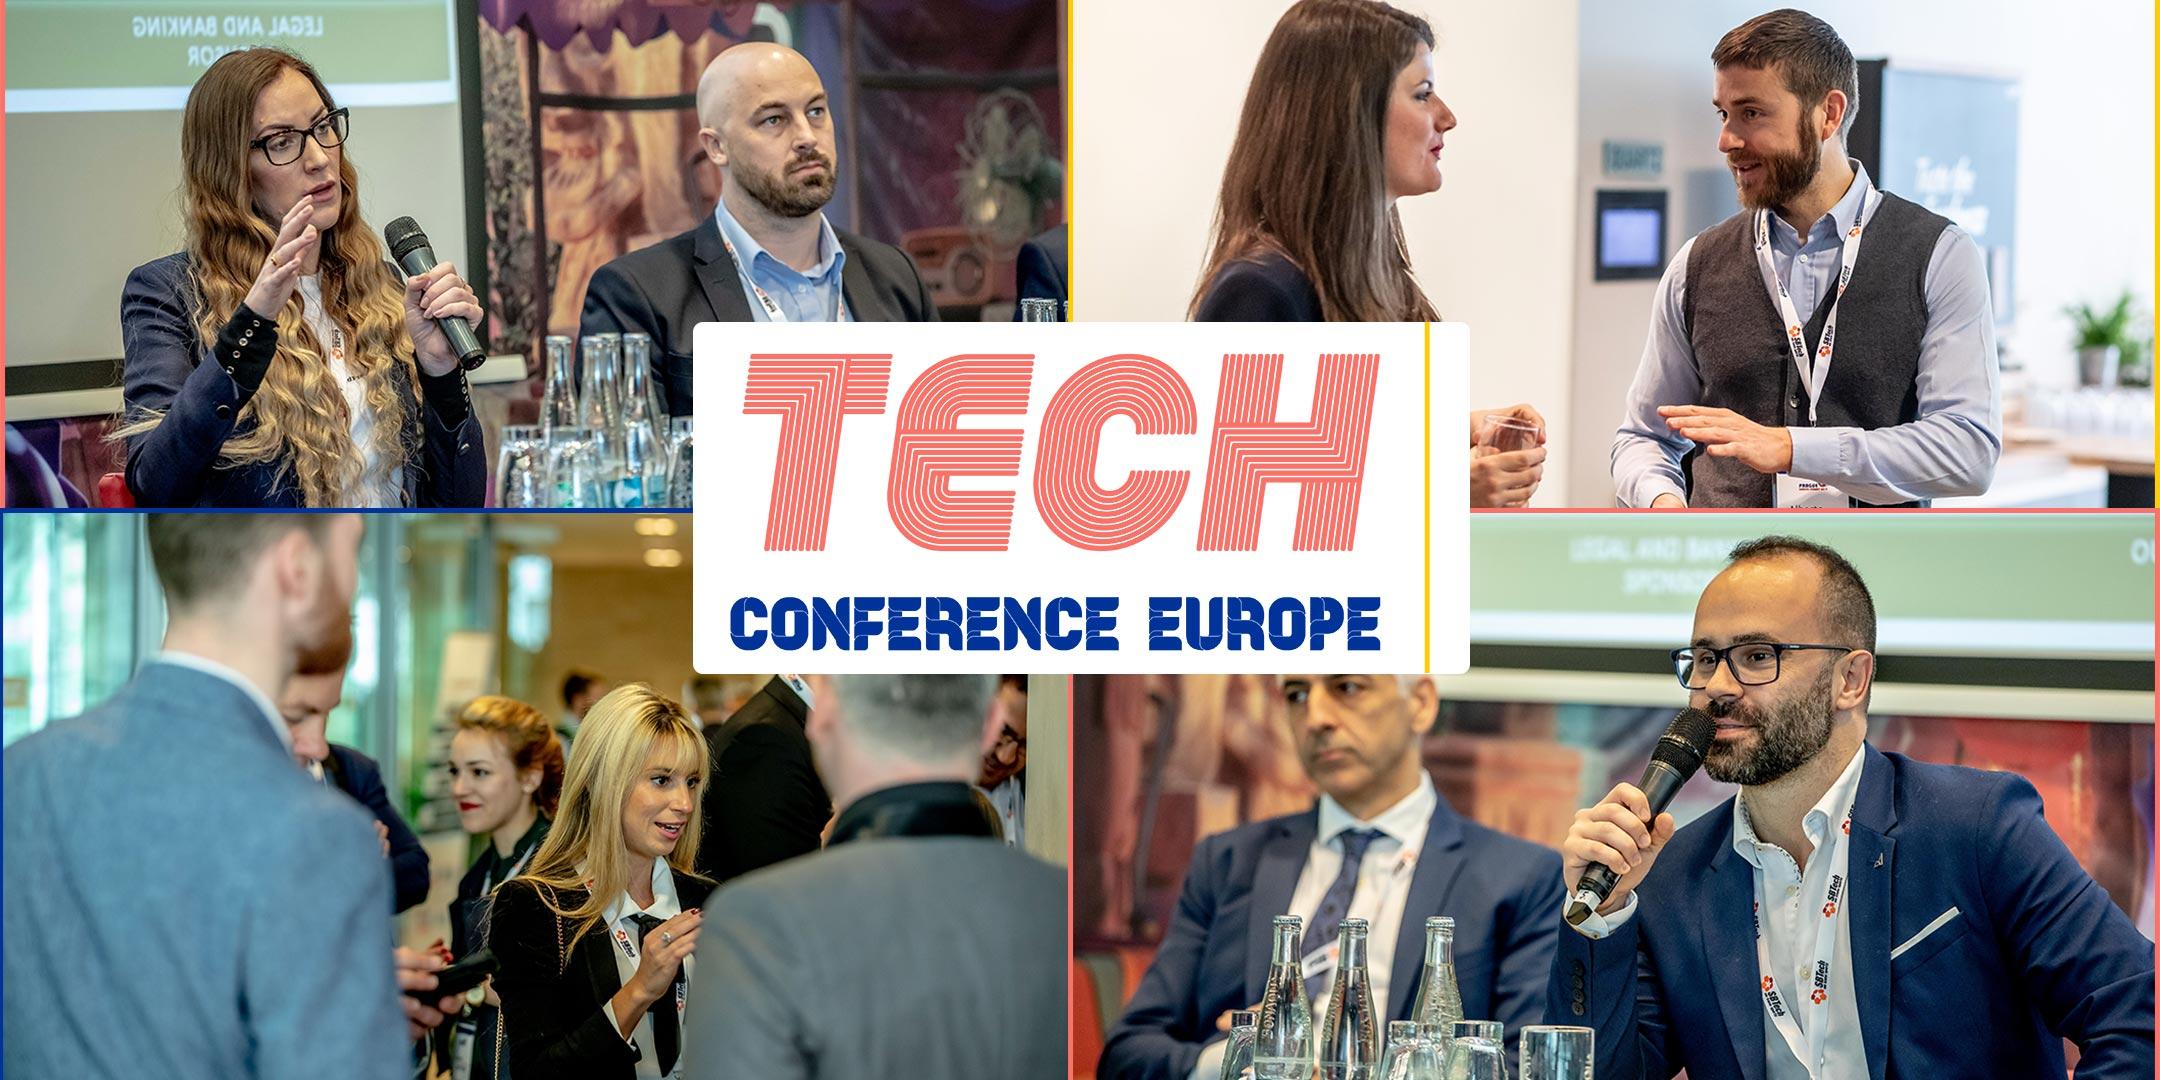 PICANTE TECH Conference